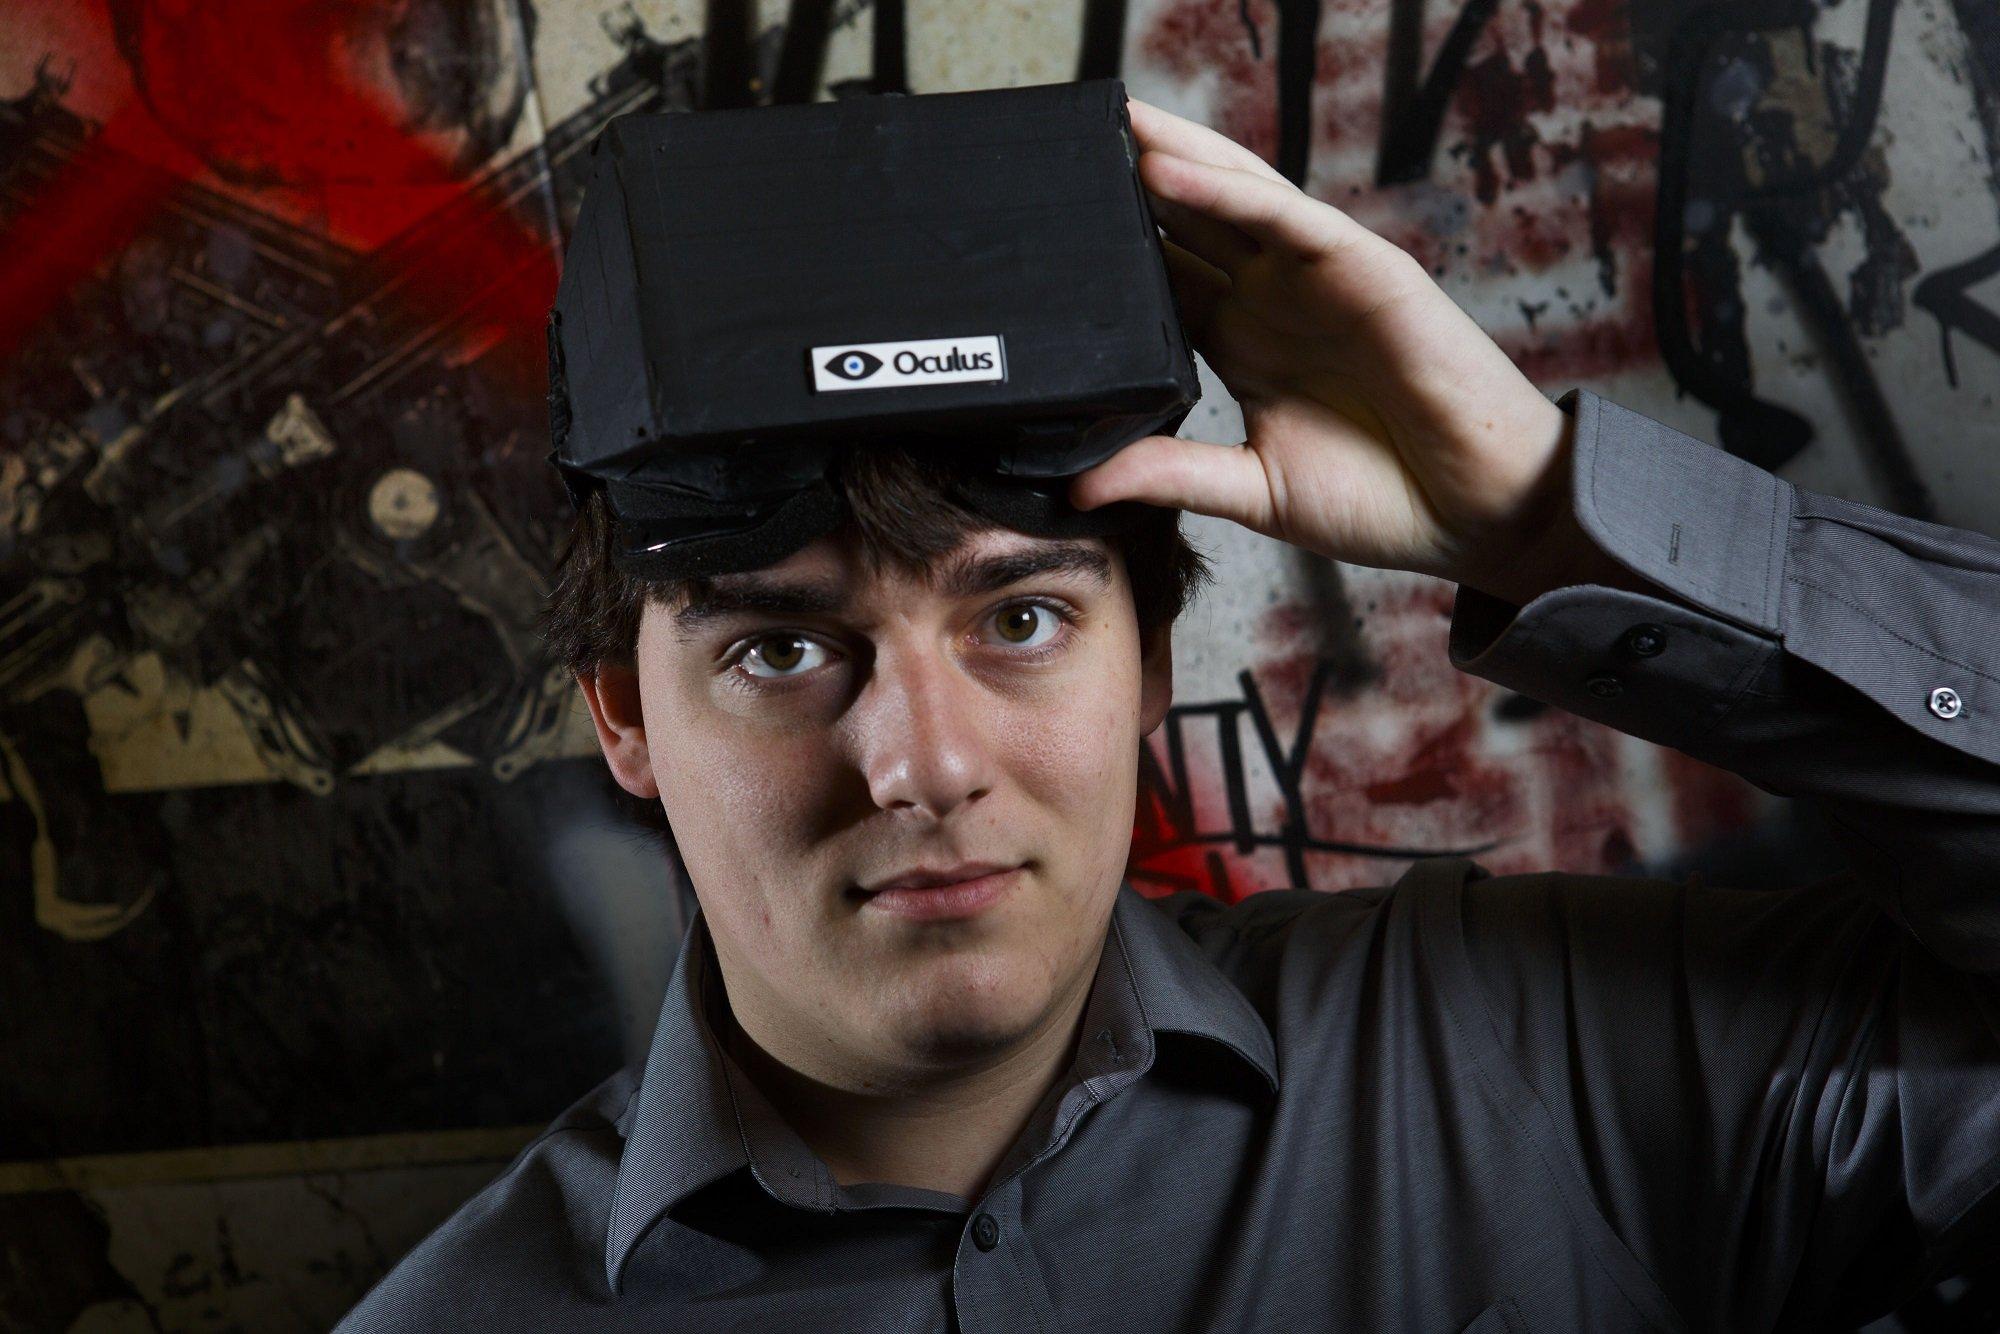 Palmer Luckey, Oculus Rift